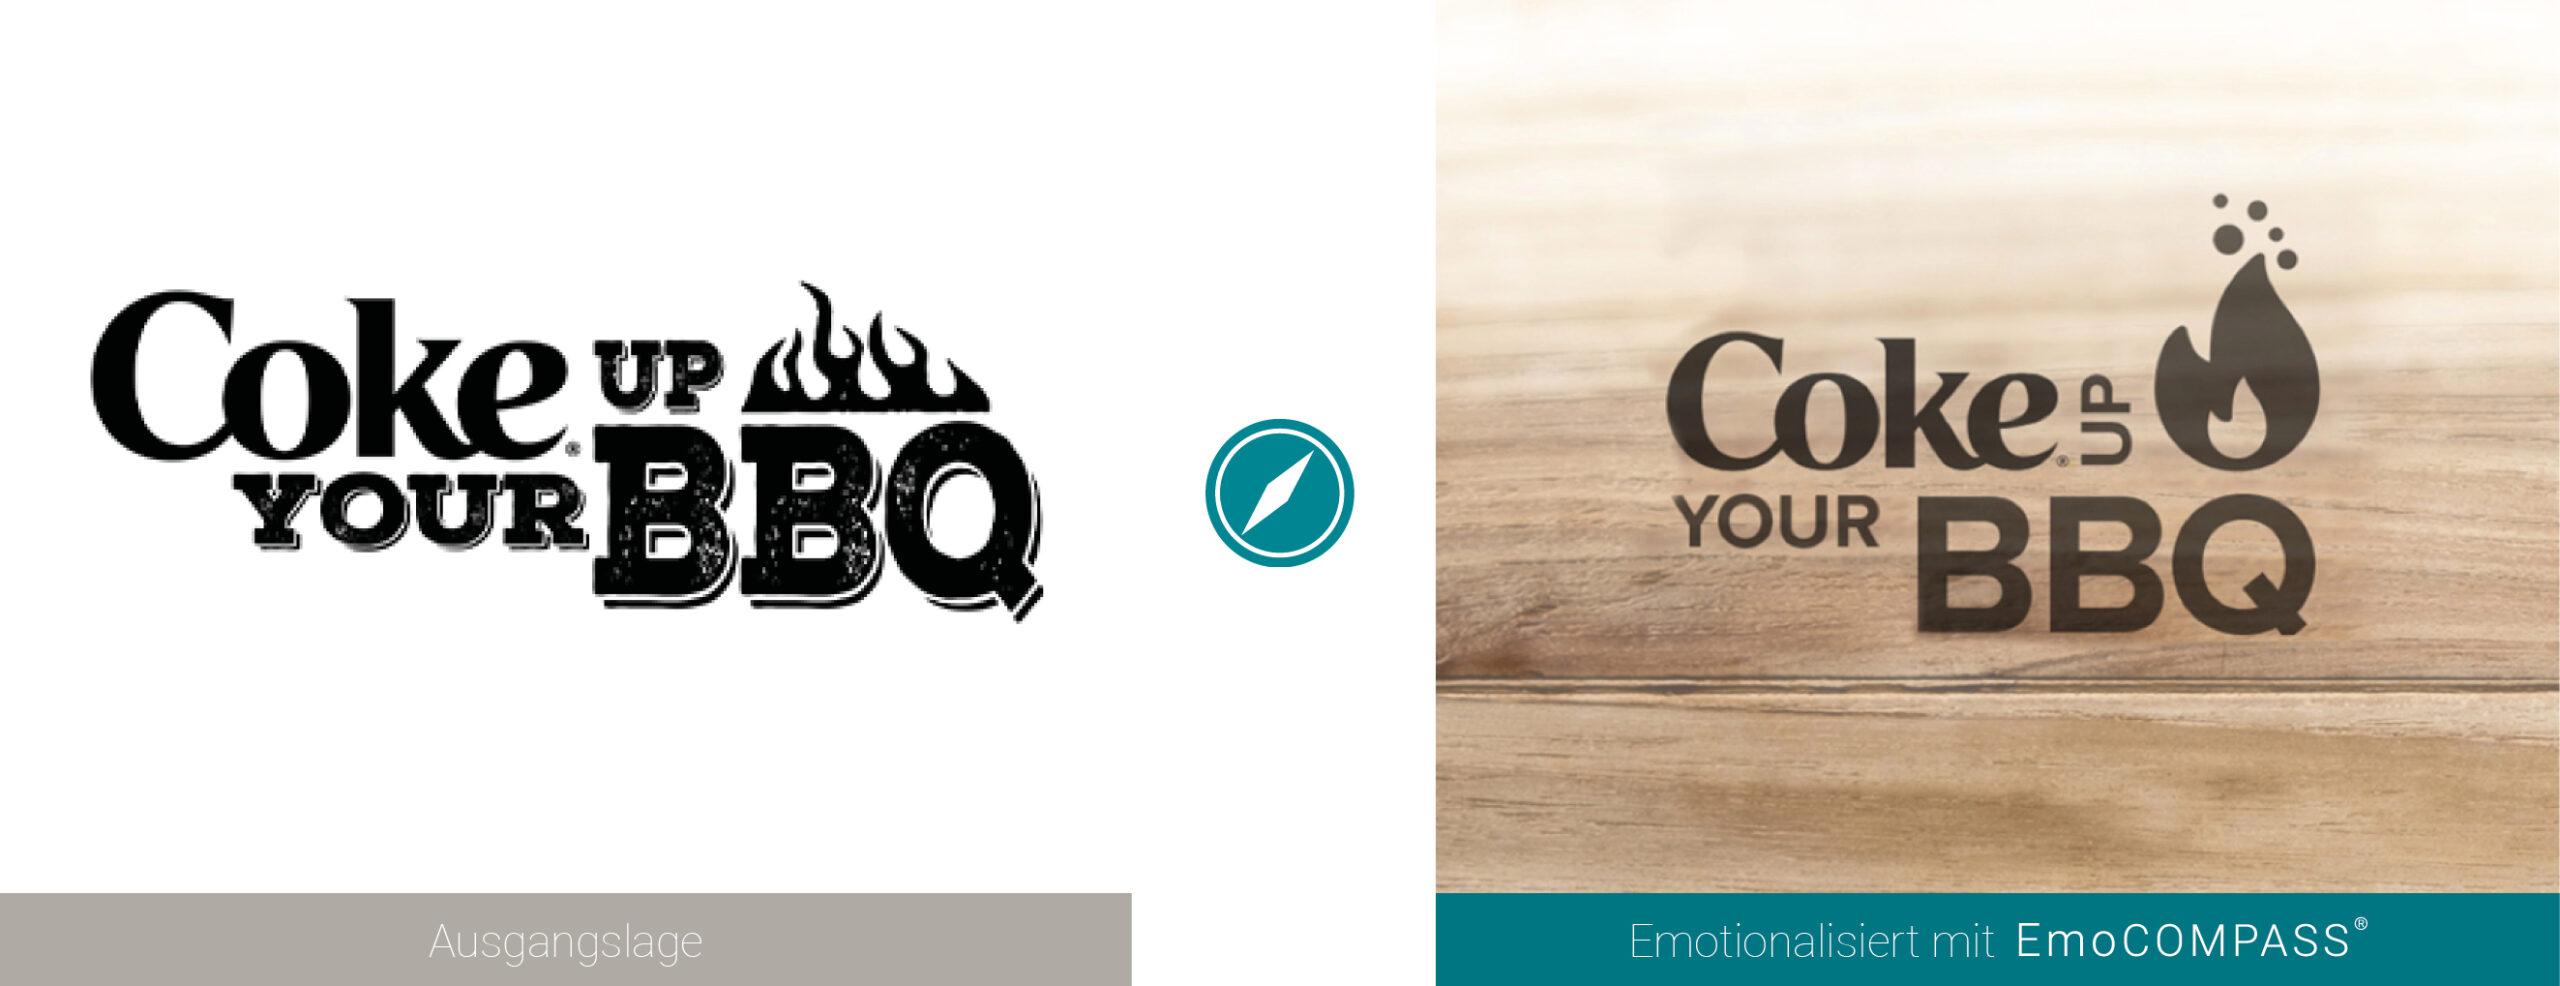 Vorher-/Nachher-Vergleich Promo-Logo Coke up your BBQ